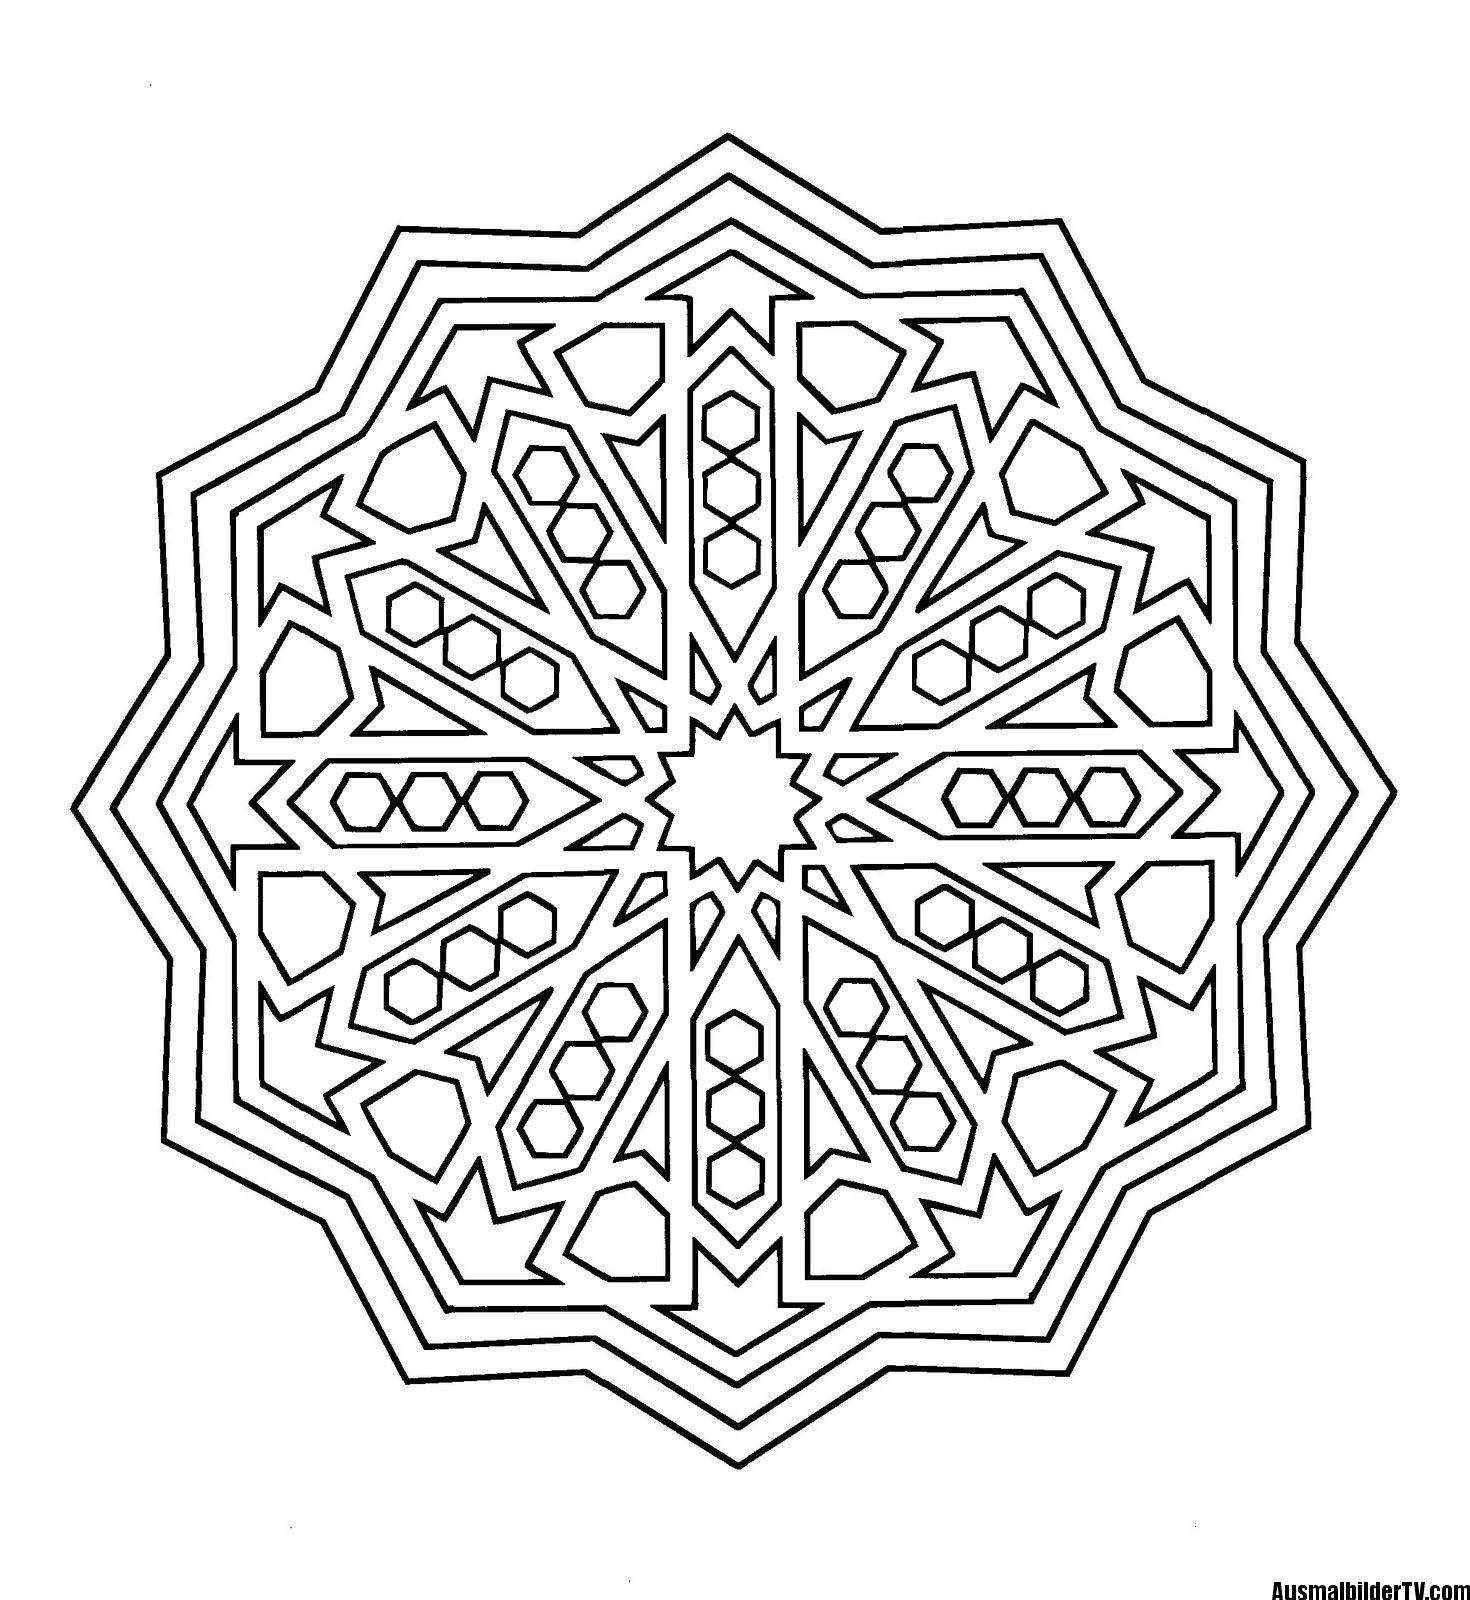 Einzigartig Mandala Weihnachten Zum Ausdrucken Farbung Malvorlagen Malvorlagenfurkinder Mandala Coloring Pages Pattern Coloring Pages Mandala Coloring